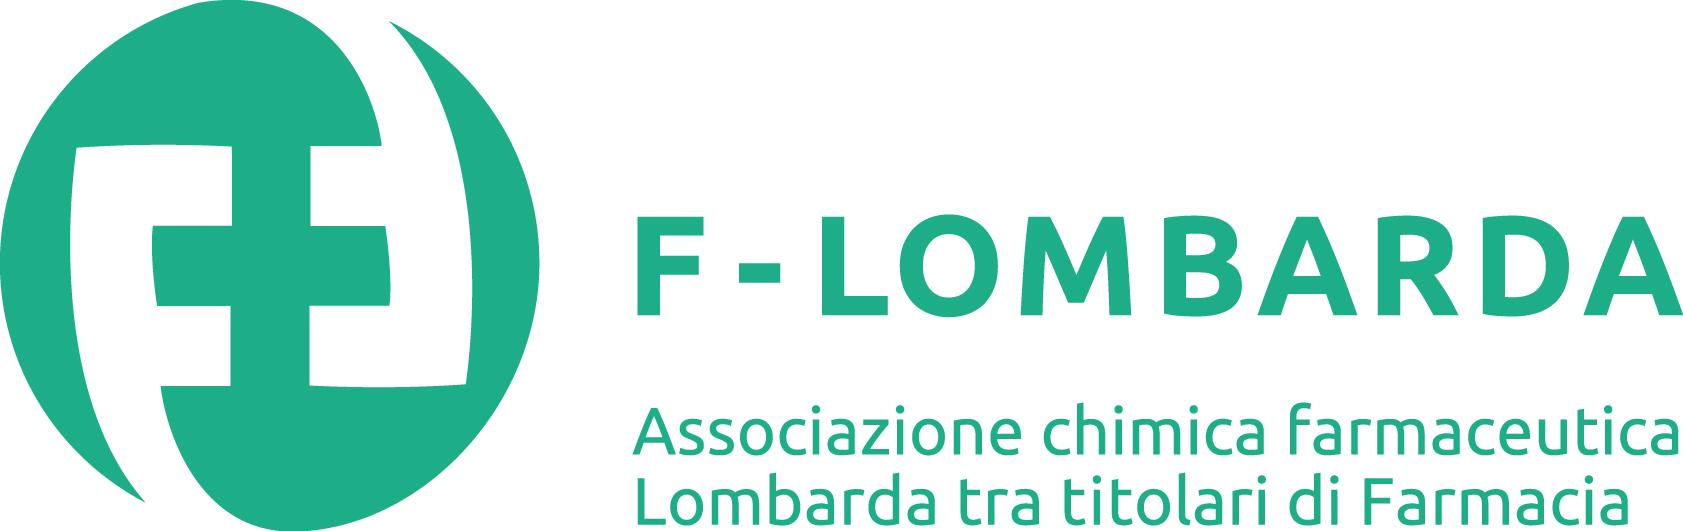 logo f lombardia